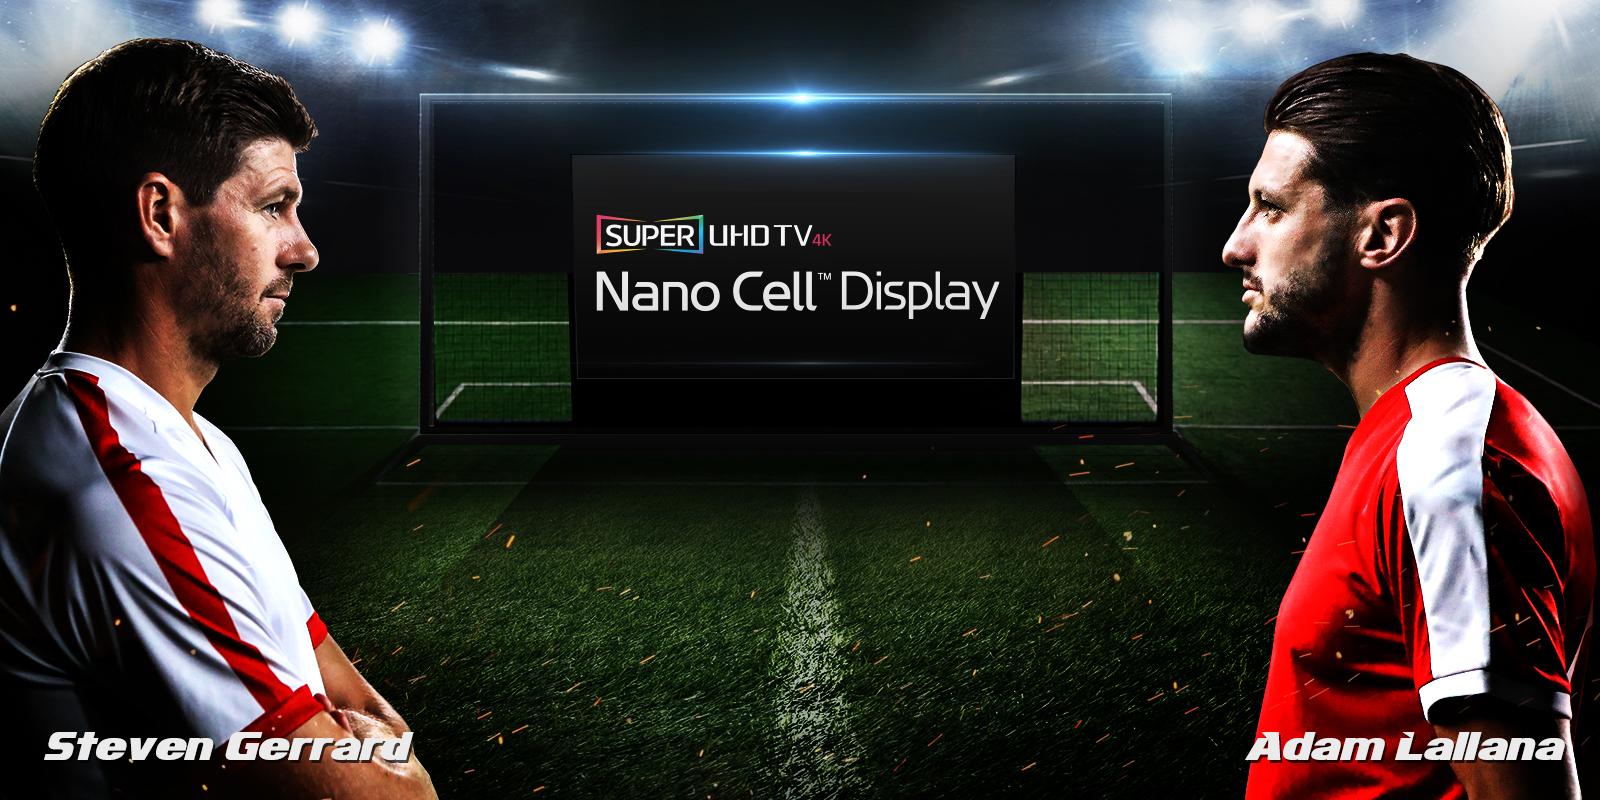 Televizyonlarda Nano Cell Teknolojisi Devrimi!